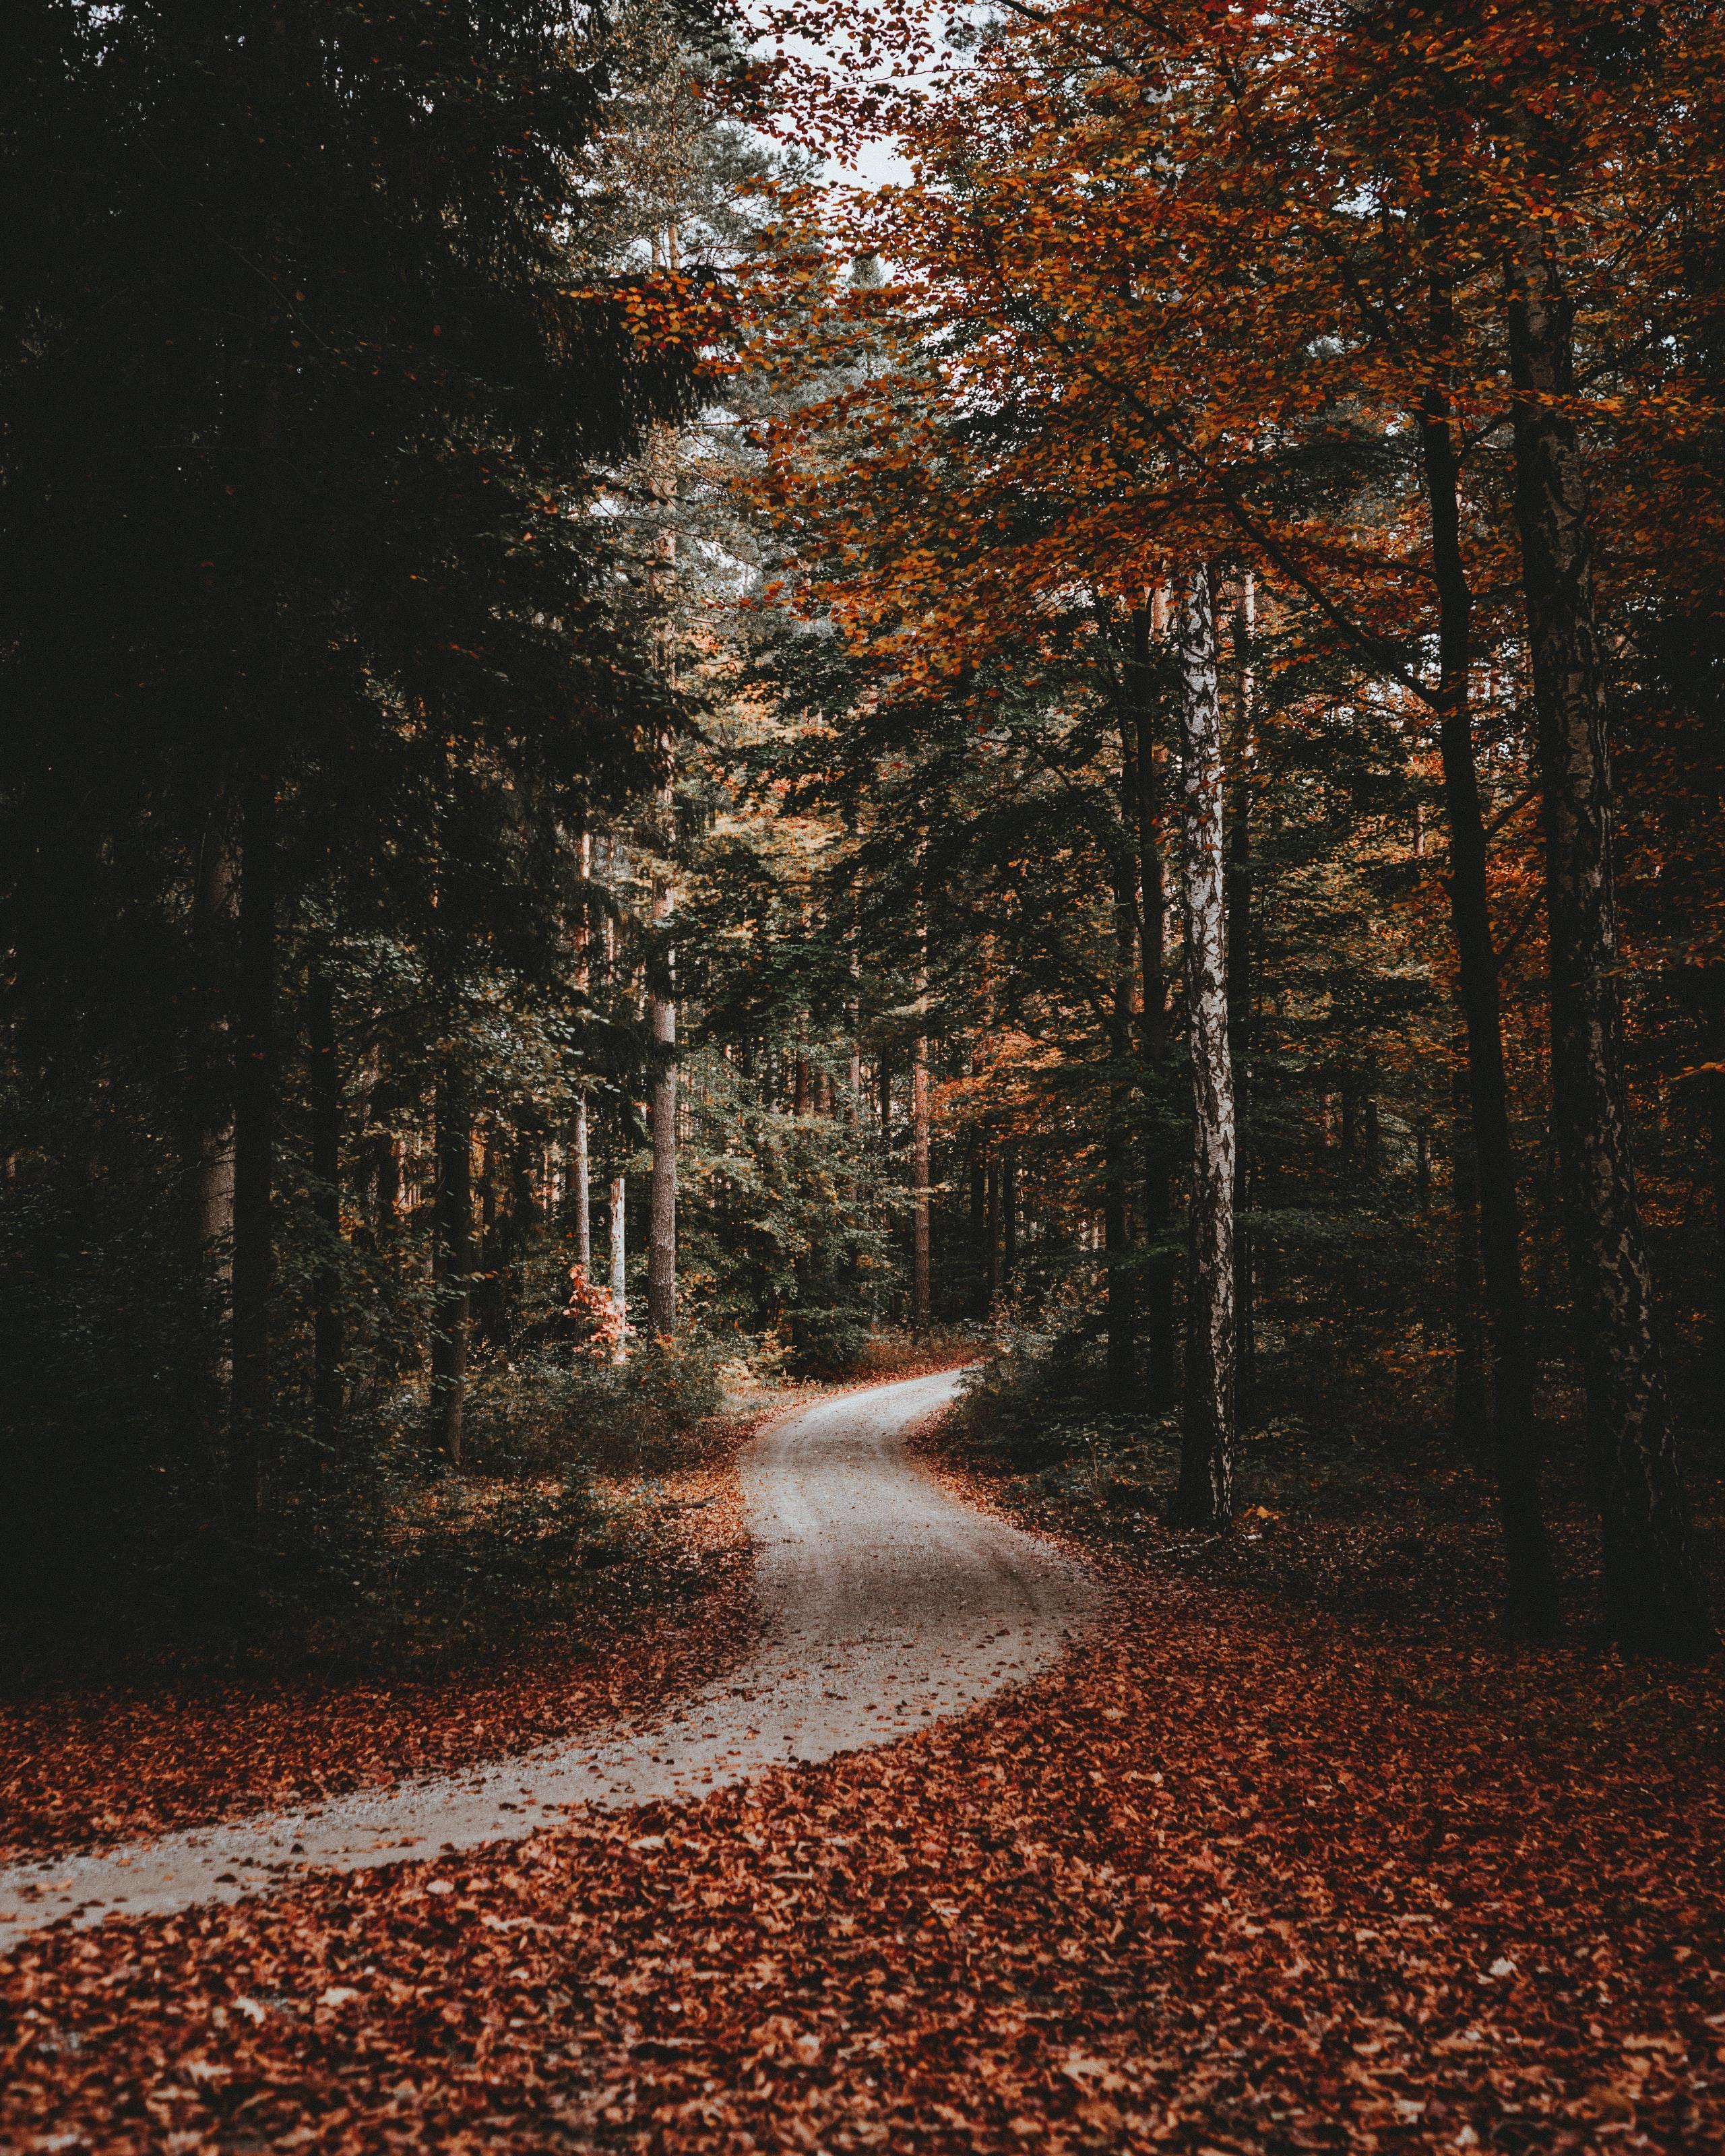 61175 завантажити шпалери Доріжка, Трек, Ліс, Осінь, Опале Листя, Полегле Листя, Природа - заставки і картинки безкоштовно